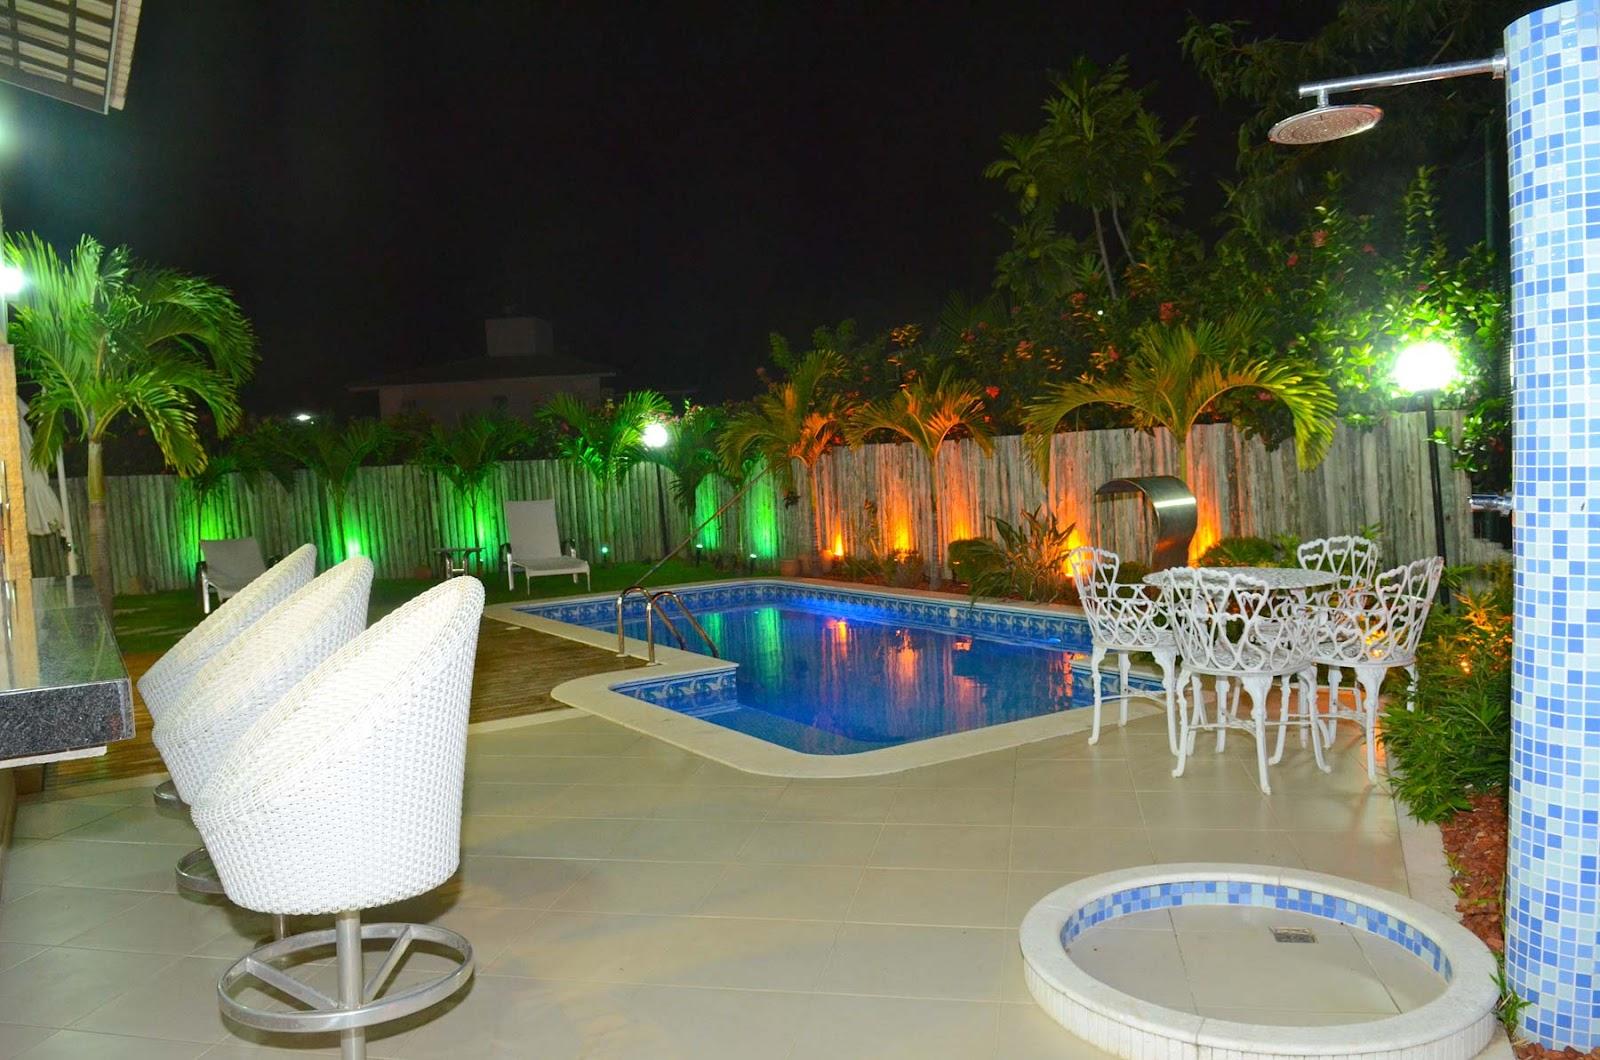 iluminacao jardim residencial – Doitricom